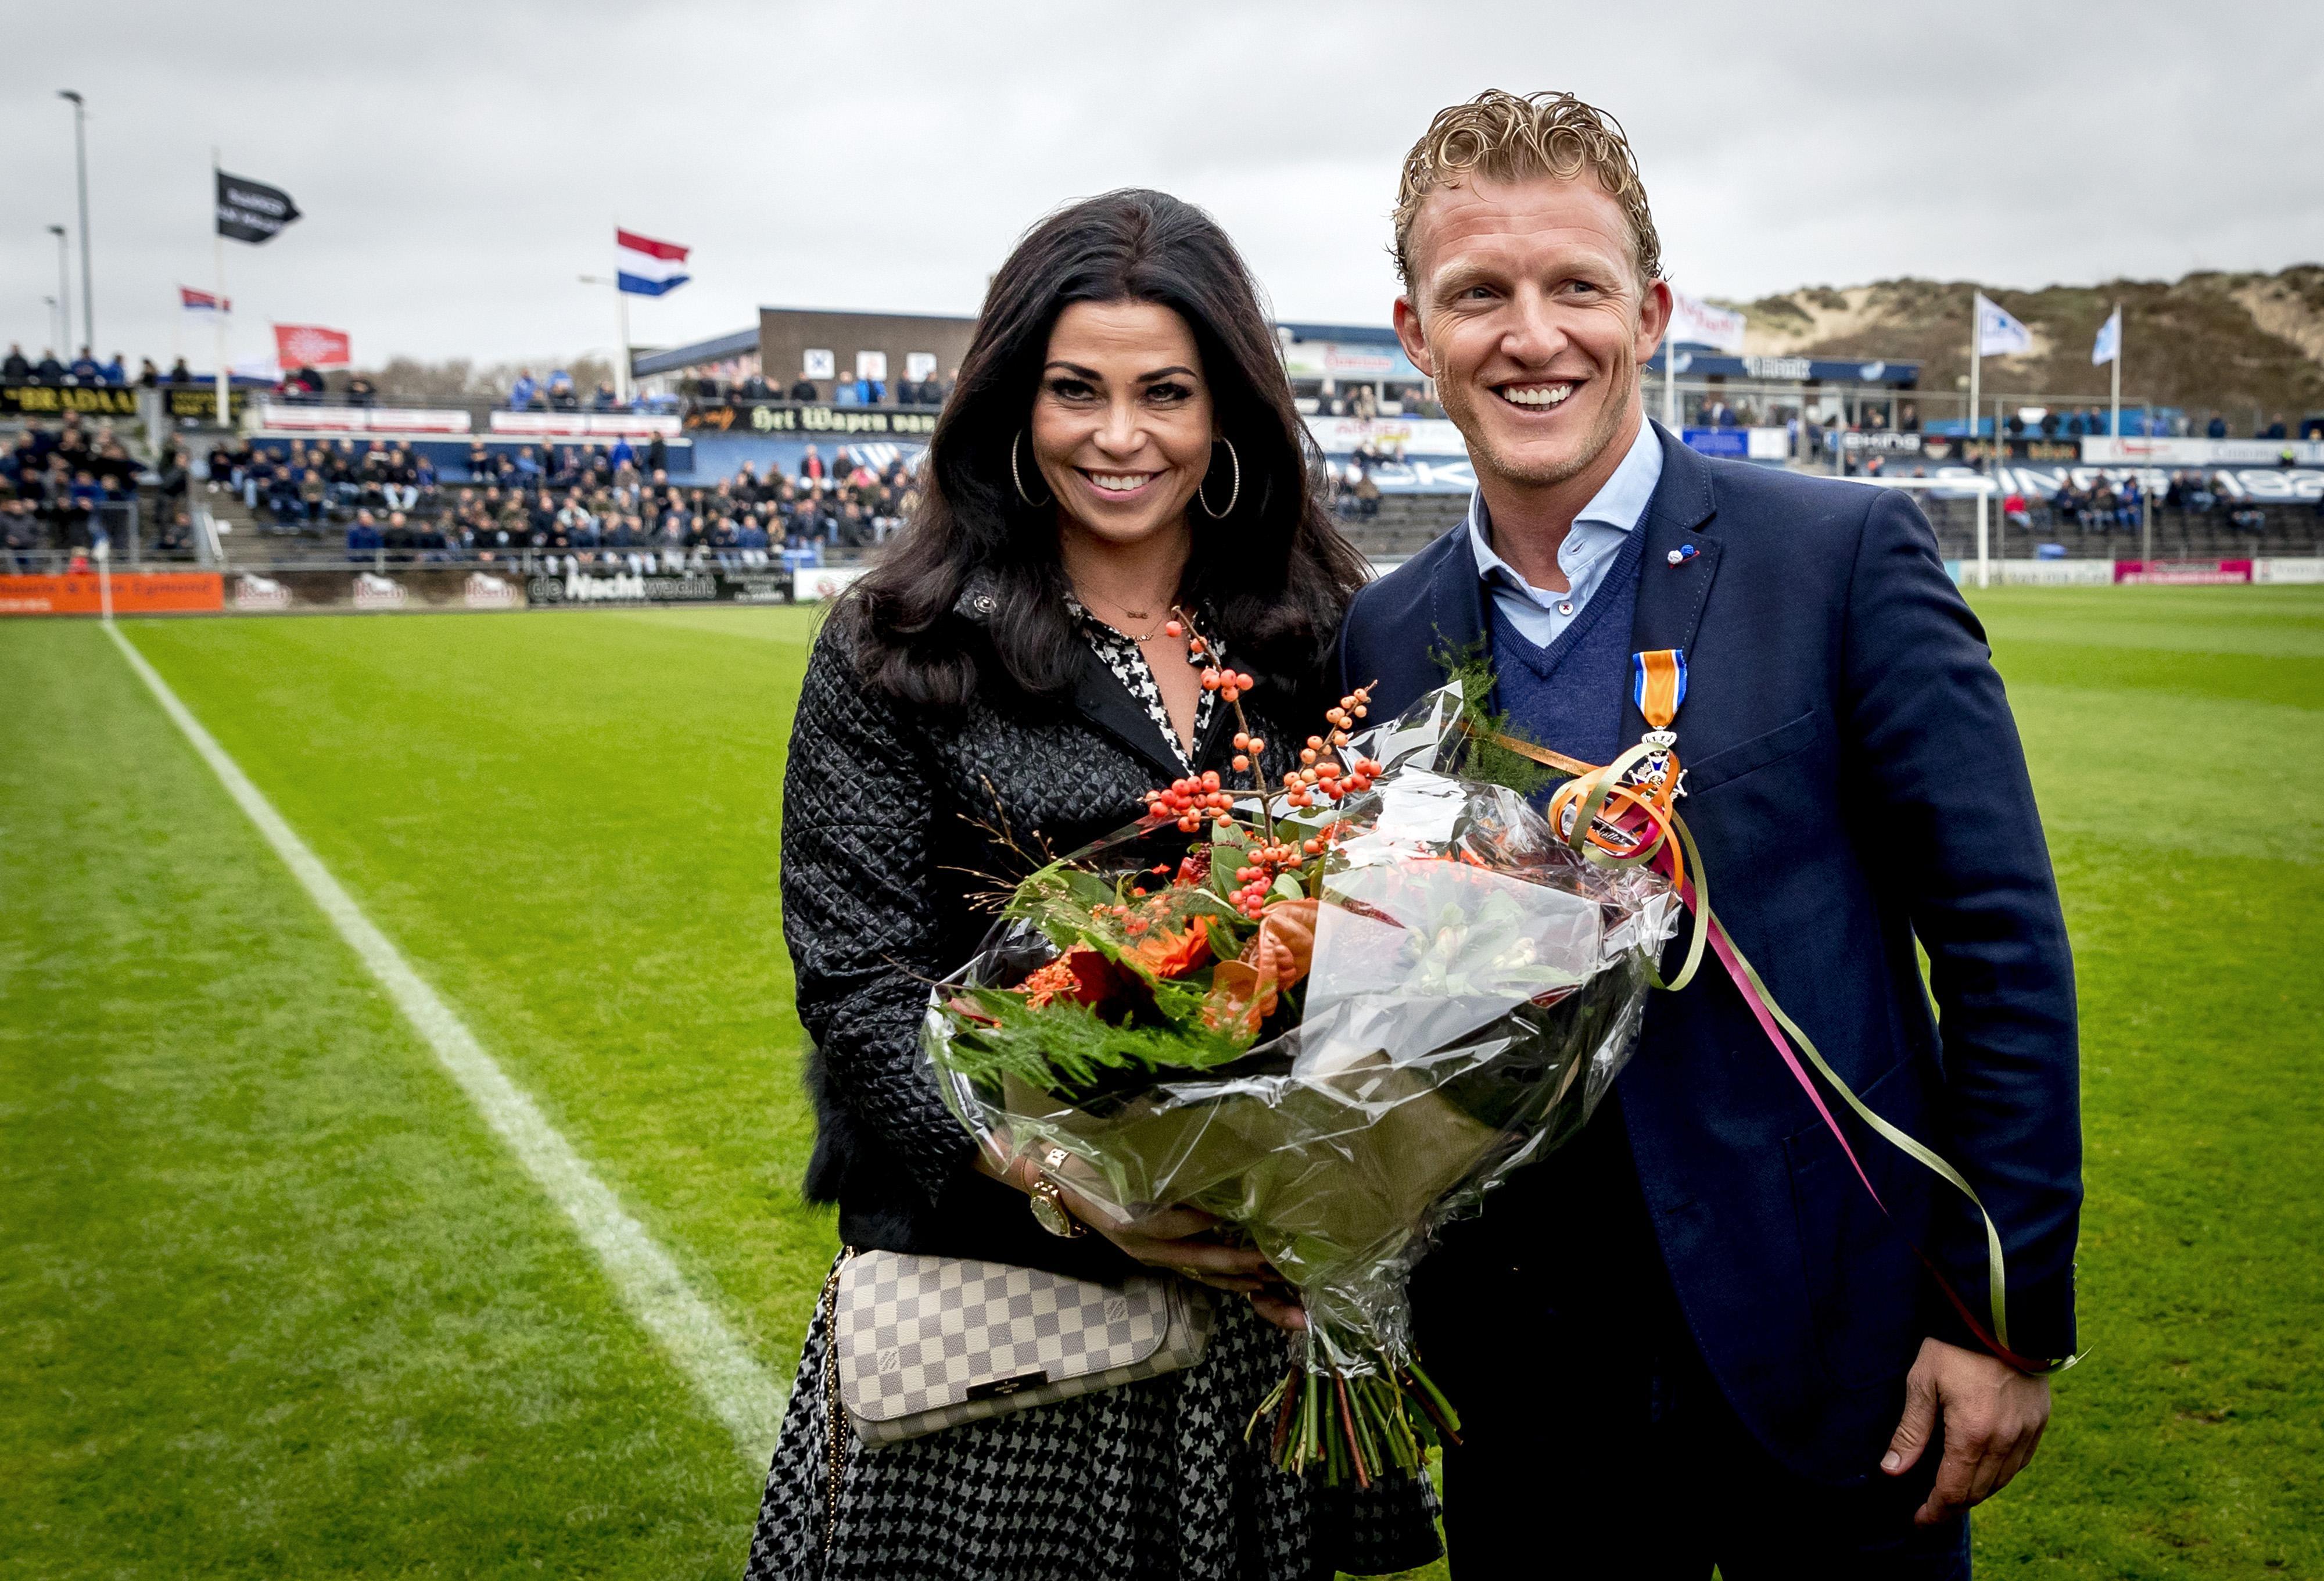 Dirk Kuijt gaat scheiden; hij hoeft voorlopig geen trainer van Feyenoord te worden. 'Het is een verdrietige situatie waarin het gezin en ik zitten'